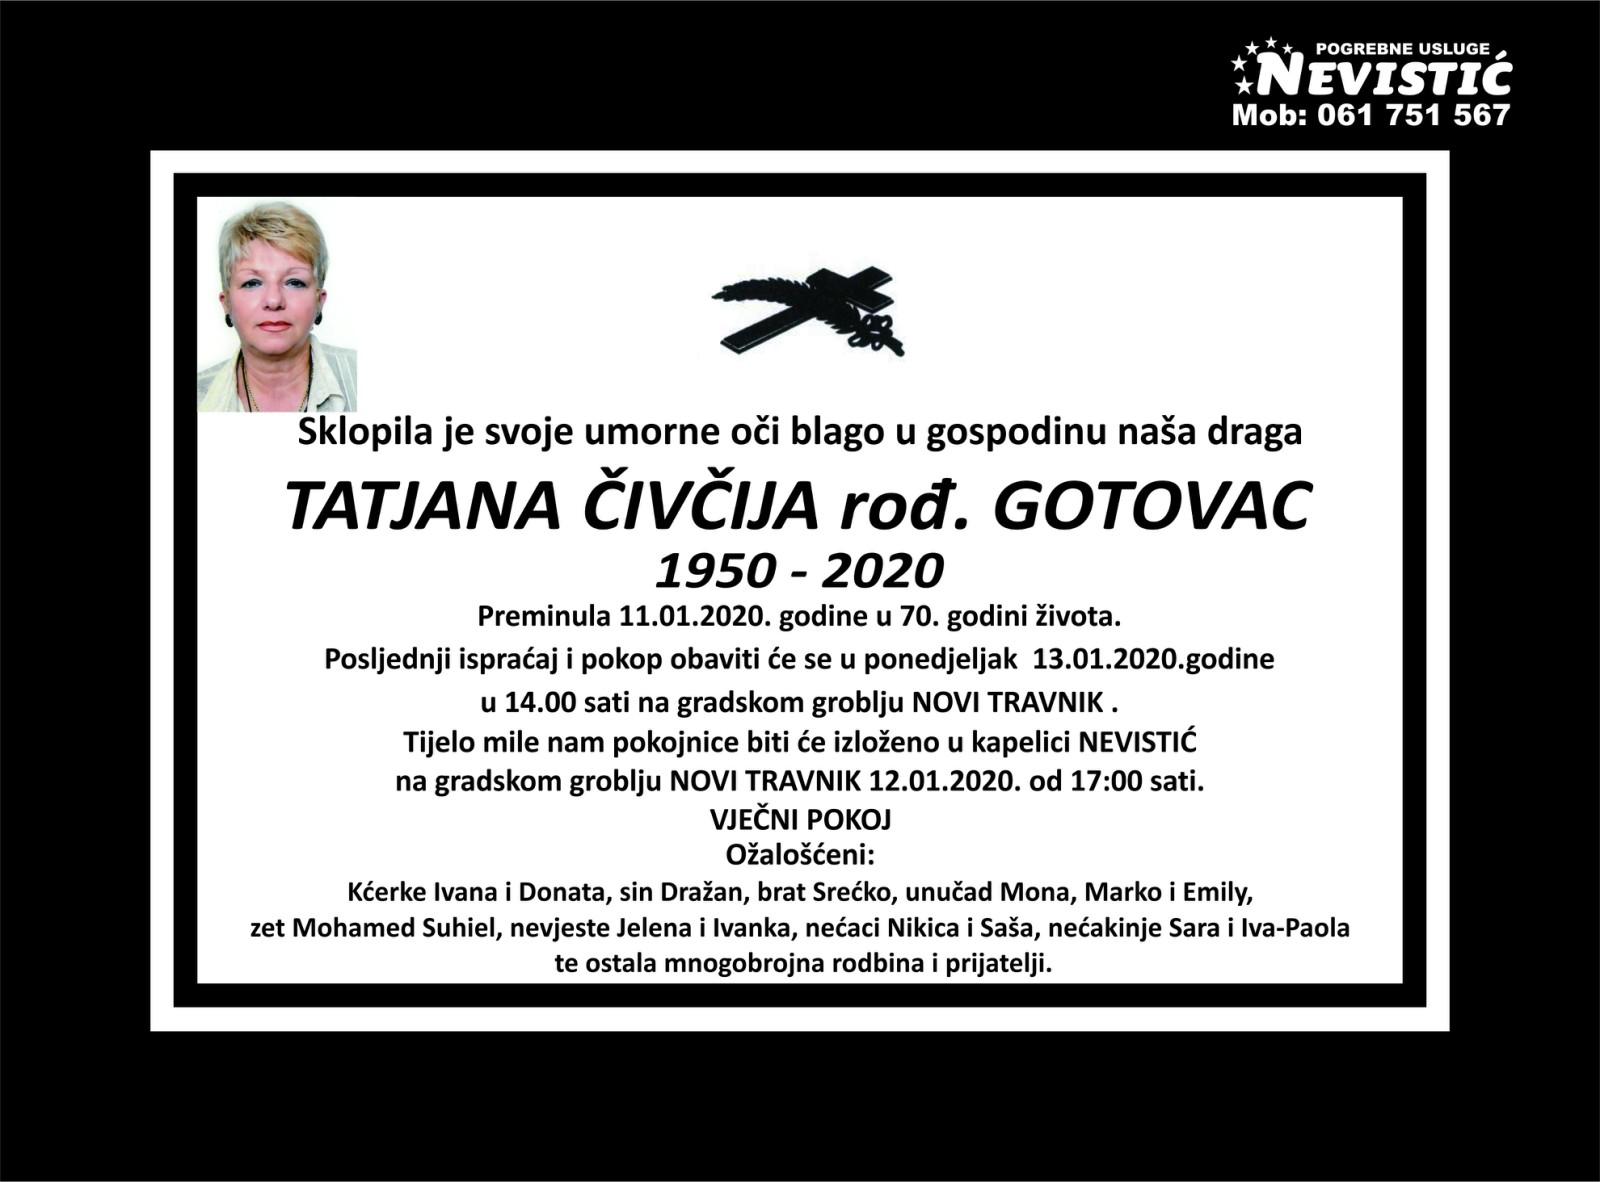 Tatjana Čivčija, rođ. Gotovac